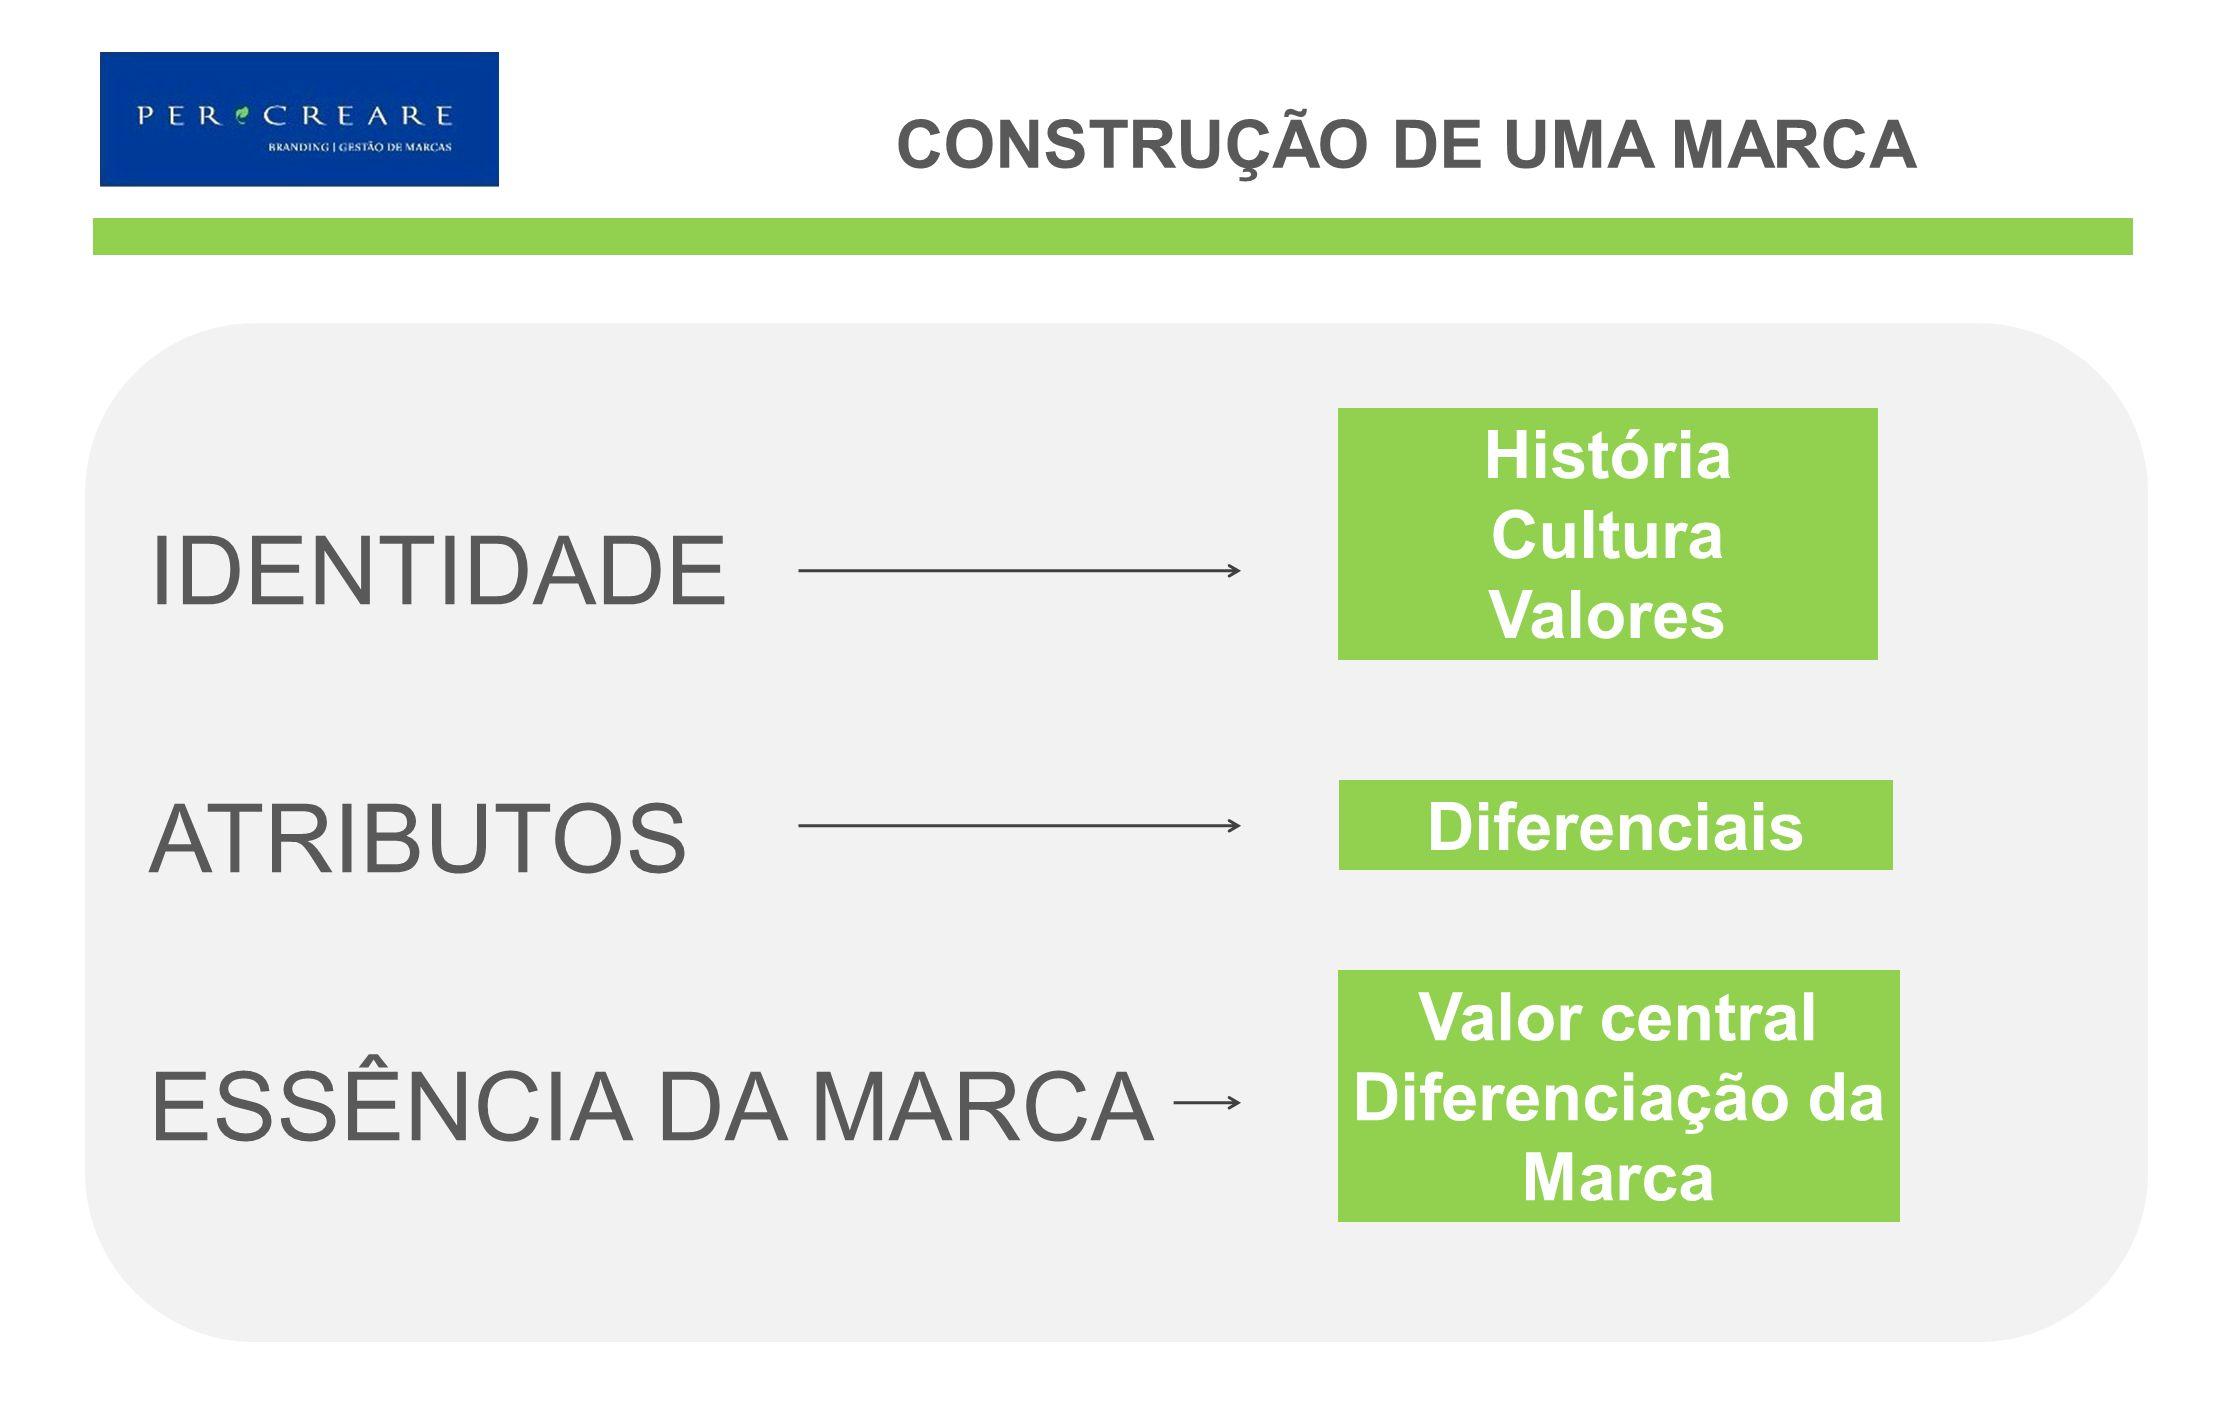 IDENTIDADE ATRIBUTOS ESSÊNCIA DA MARCA CONSTRUÇÃO DE UMA MARCA História Cultura Valores Diferenciais Valor central Diferenciação da Marca